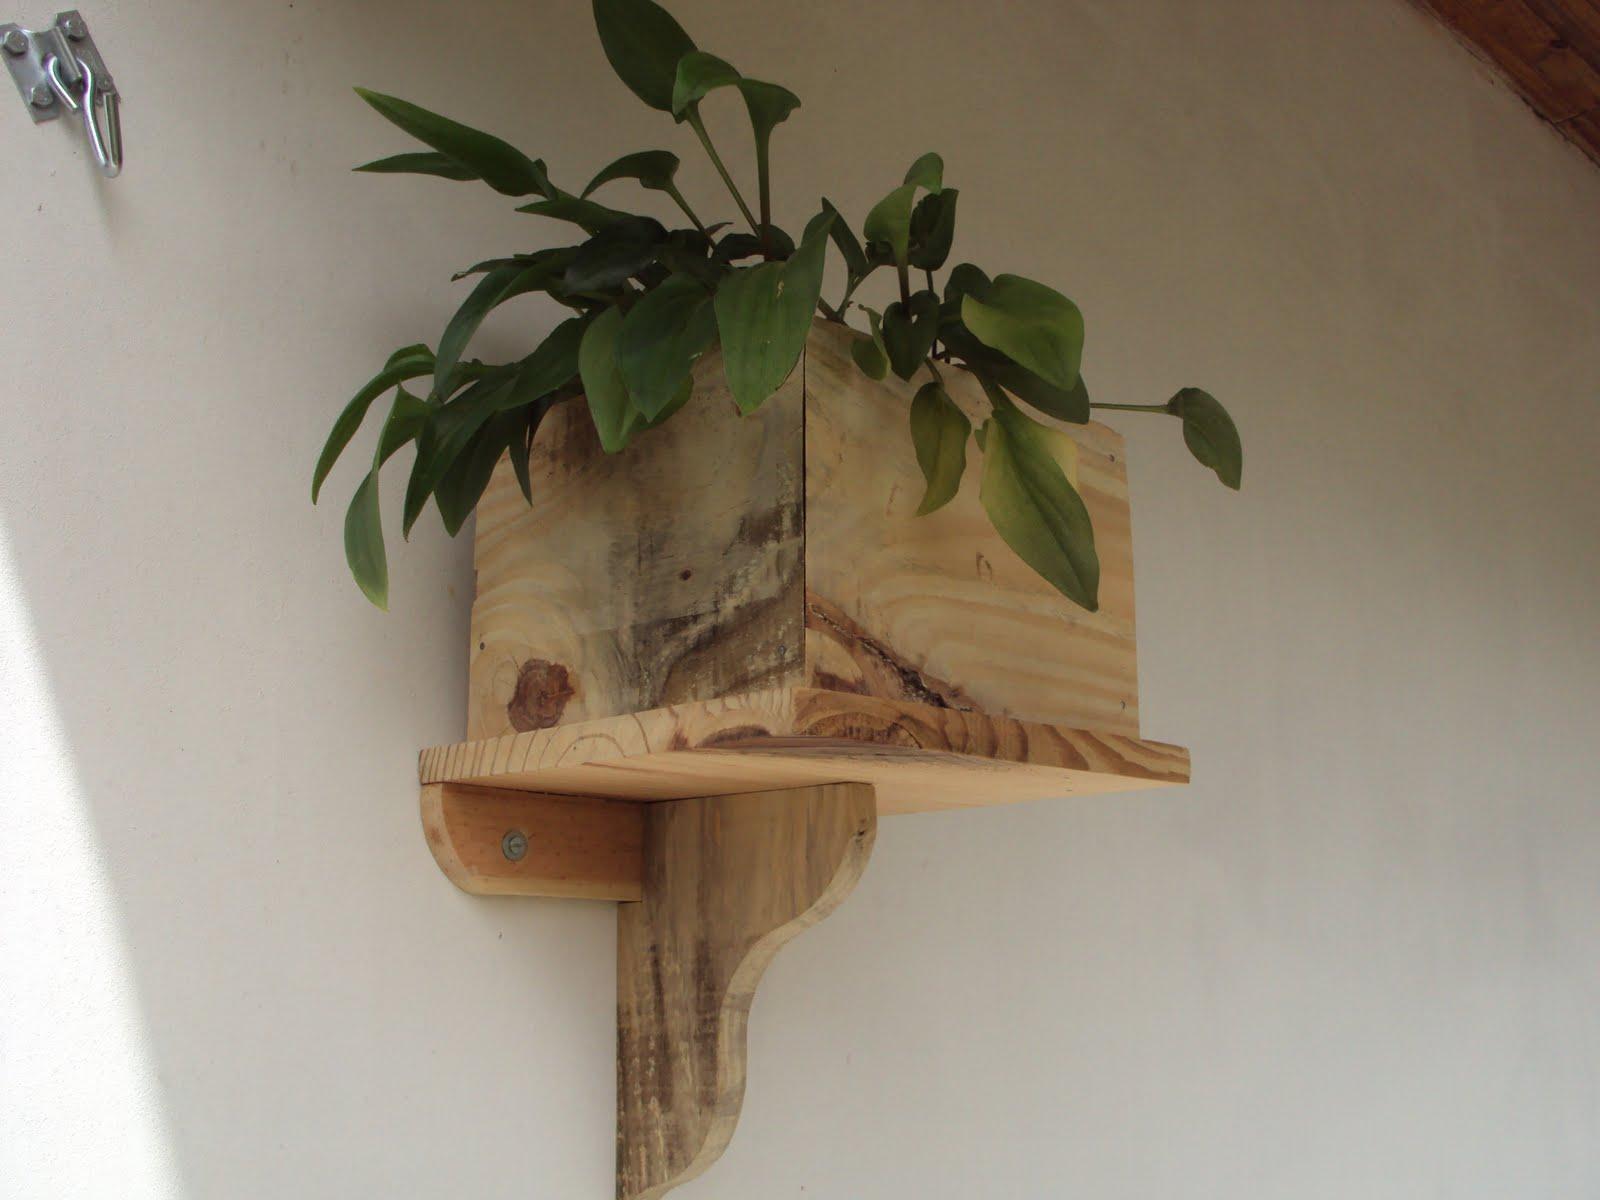 Artes do Dinho: Porta folhagem para parede #322F19 1600x1200 Balcao Banheiro Artesanal